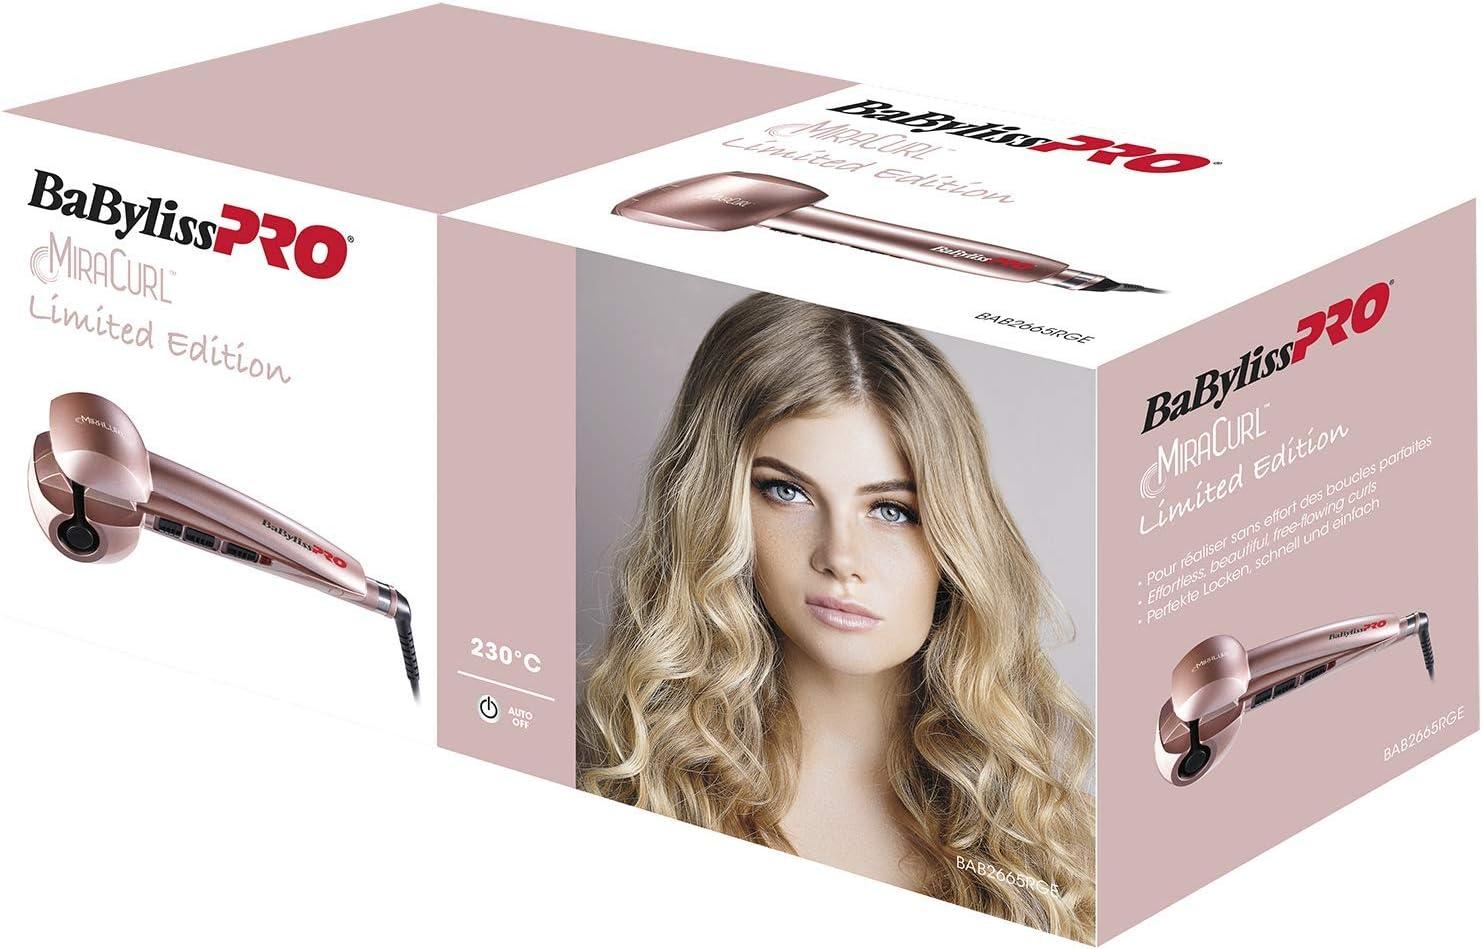 BaByliss Pro Miracurl Rose Gold - Rizador de pelo profesional 100% automático, 190°C-210°C-230°C, 3 tiempos de marcado para hacer ondas y rizos, selector de la dirección para hacer diferentes peinados: Amazon.es: Salud